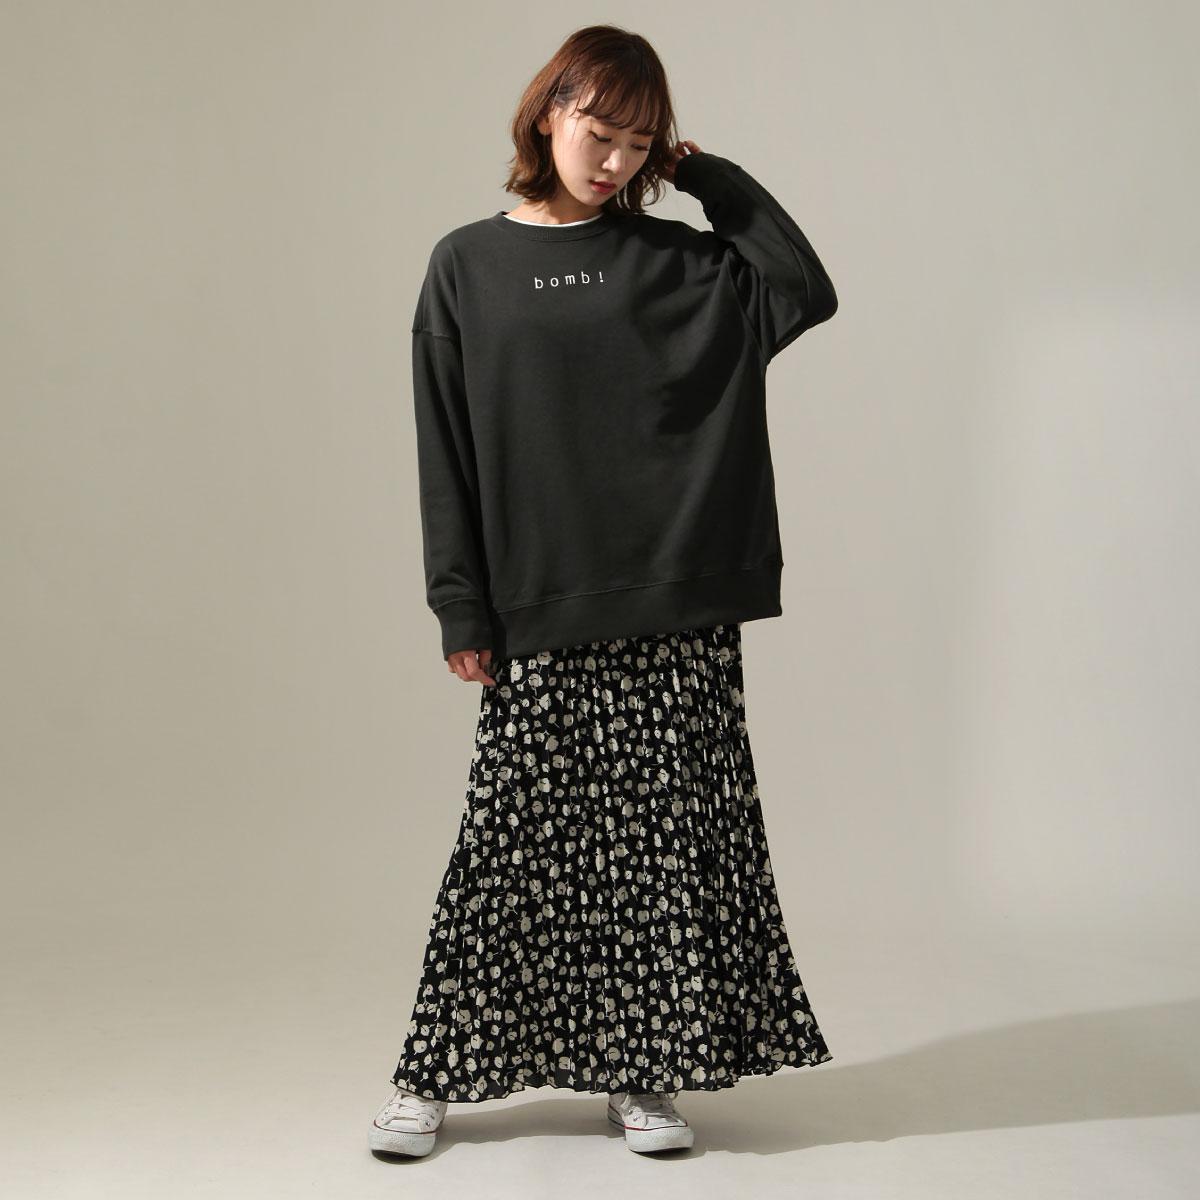 女裝 LOGO設計寬版運動衫 8